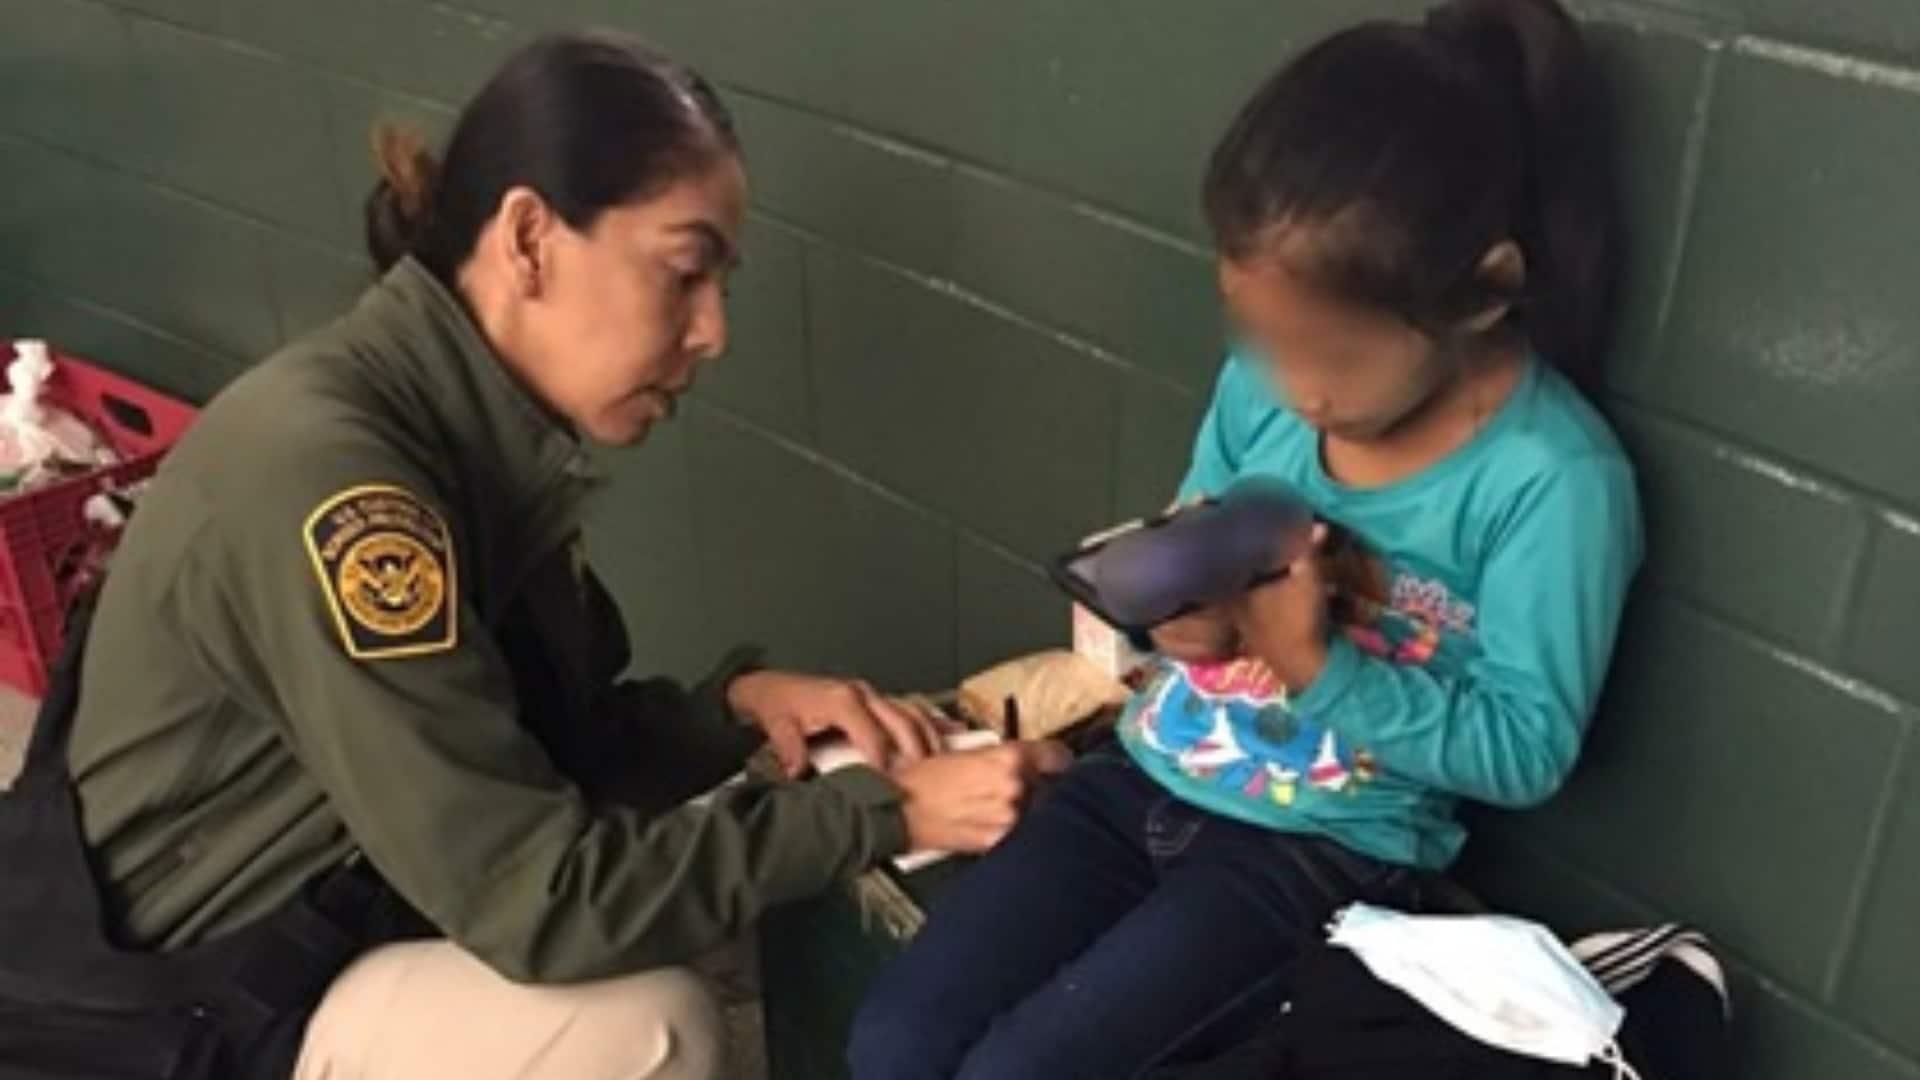 abandonan-a-nina-de-5-anos-en-el-frontera-entre-tijuana-y-san-ysidro